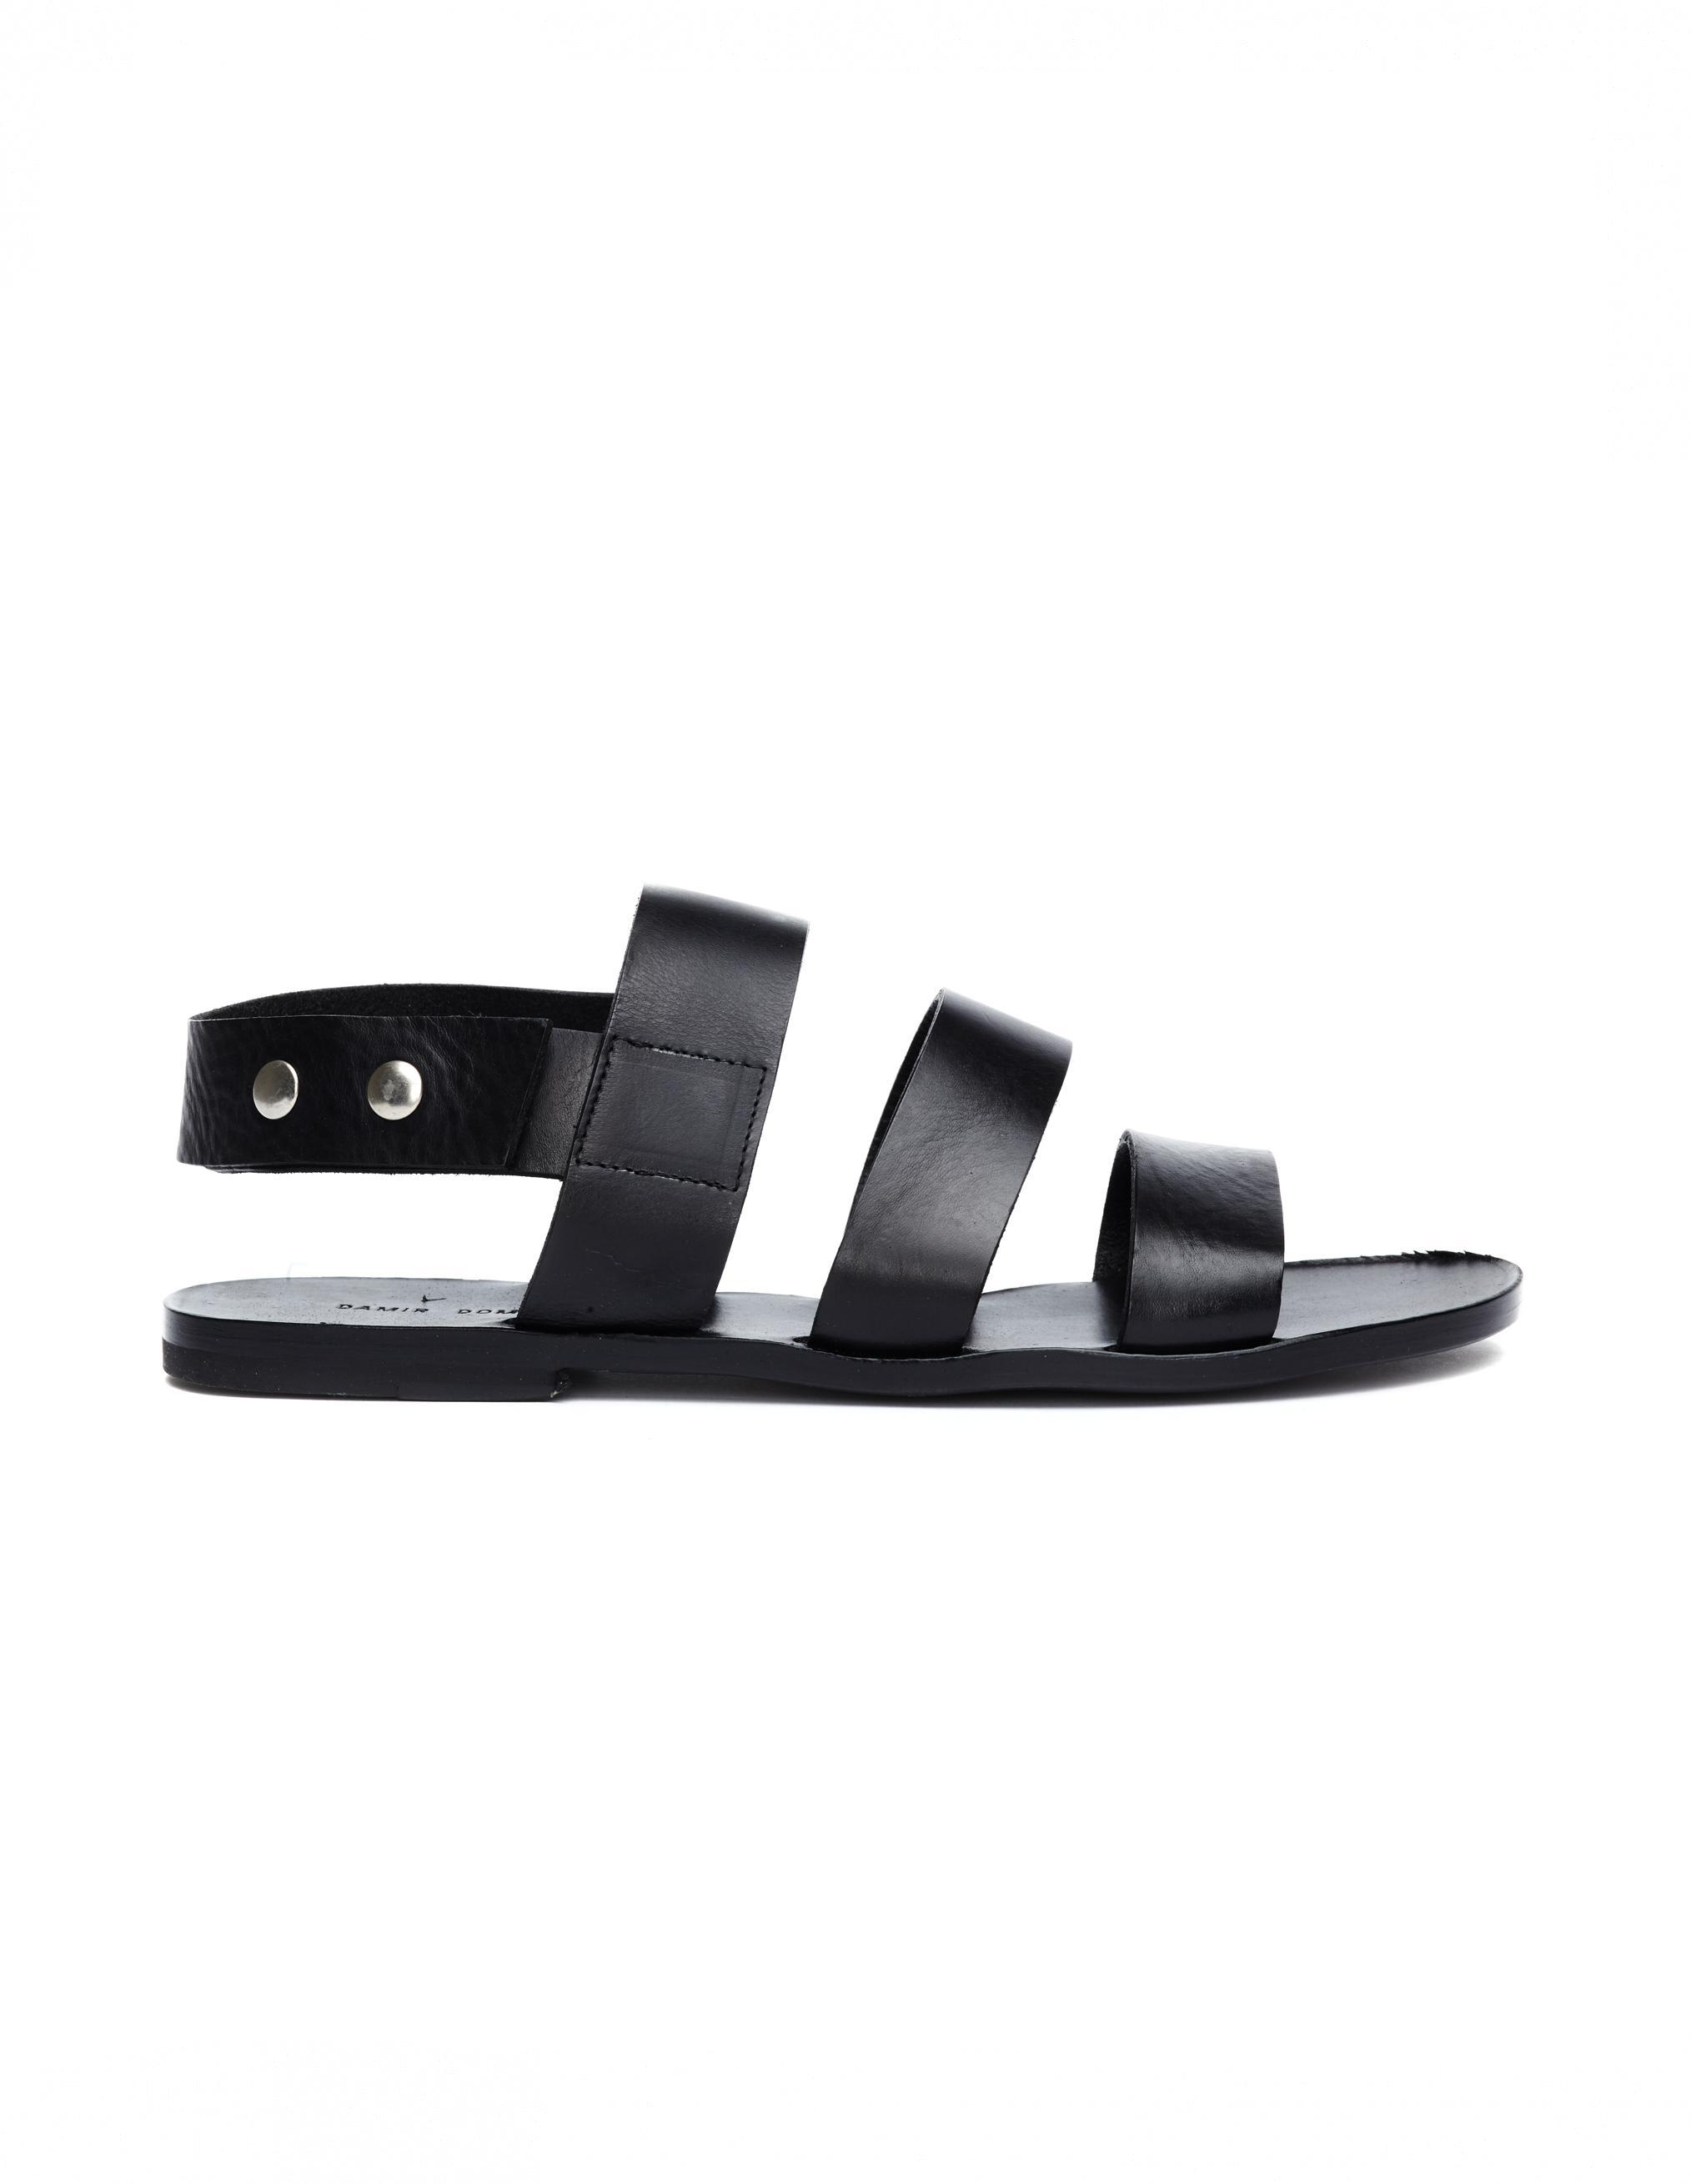 DAMIR DOMA 'Floral' sandals 0G0VacE